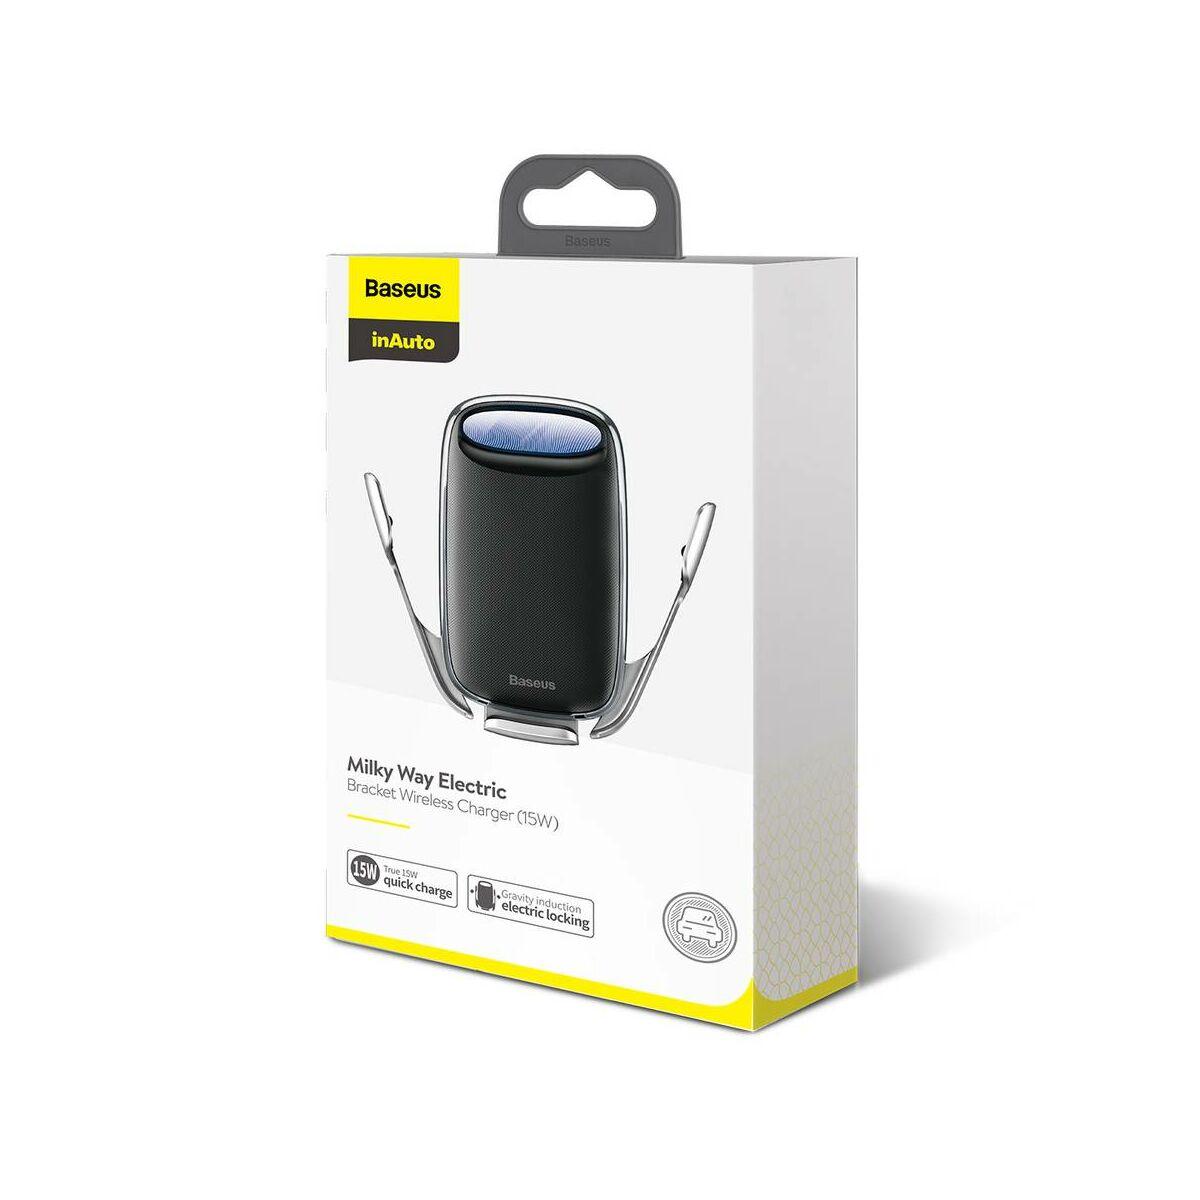 Baseus autós telefon tartó, Milky Way Aurora elektromos automata szenzoros nyitás, vezeték nélküli töltés, 15W, ezüst (WXHW02-0S)